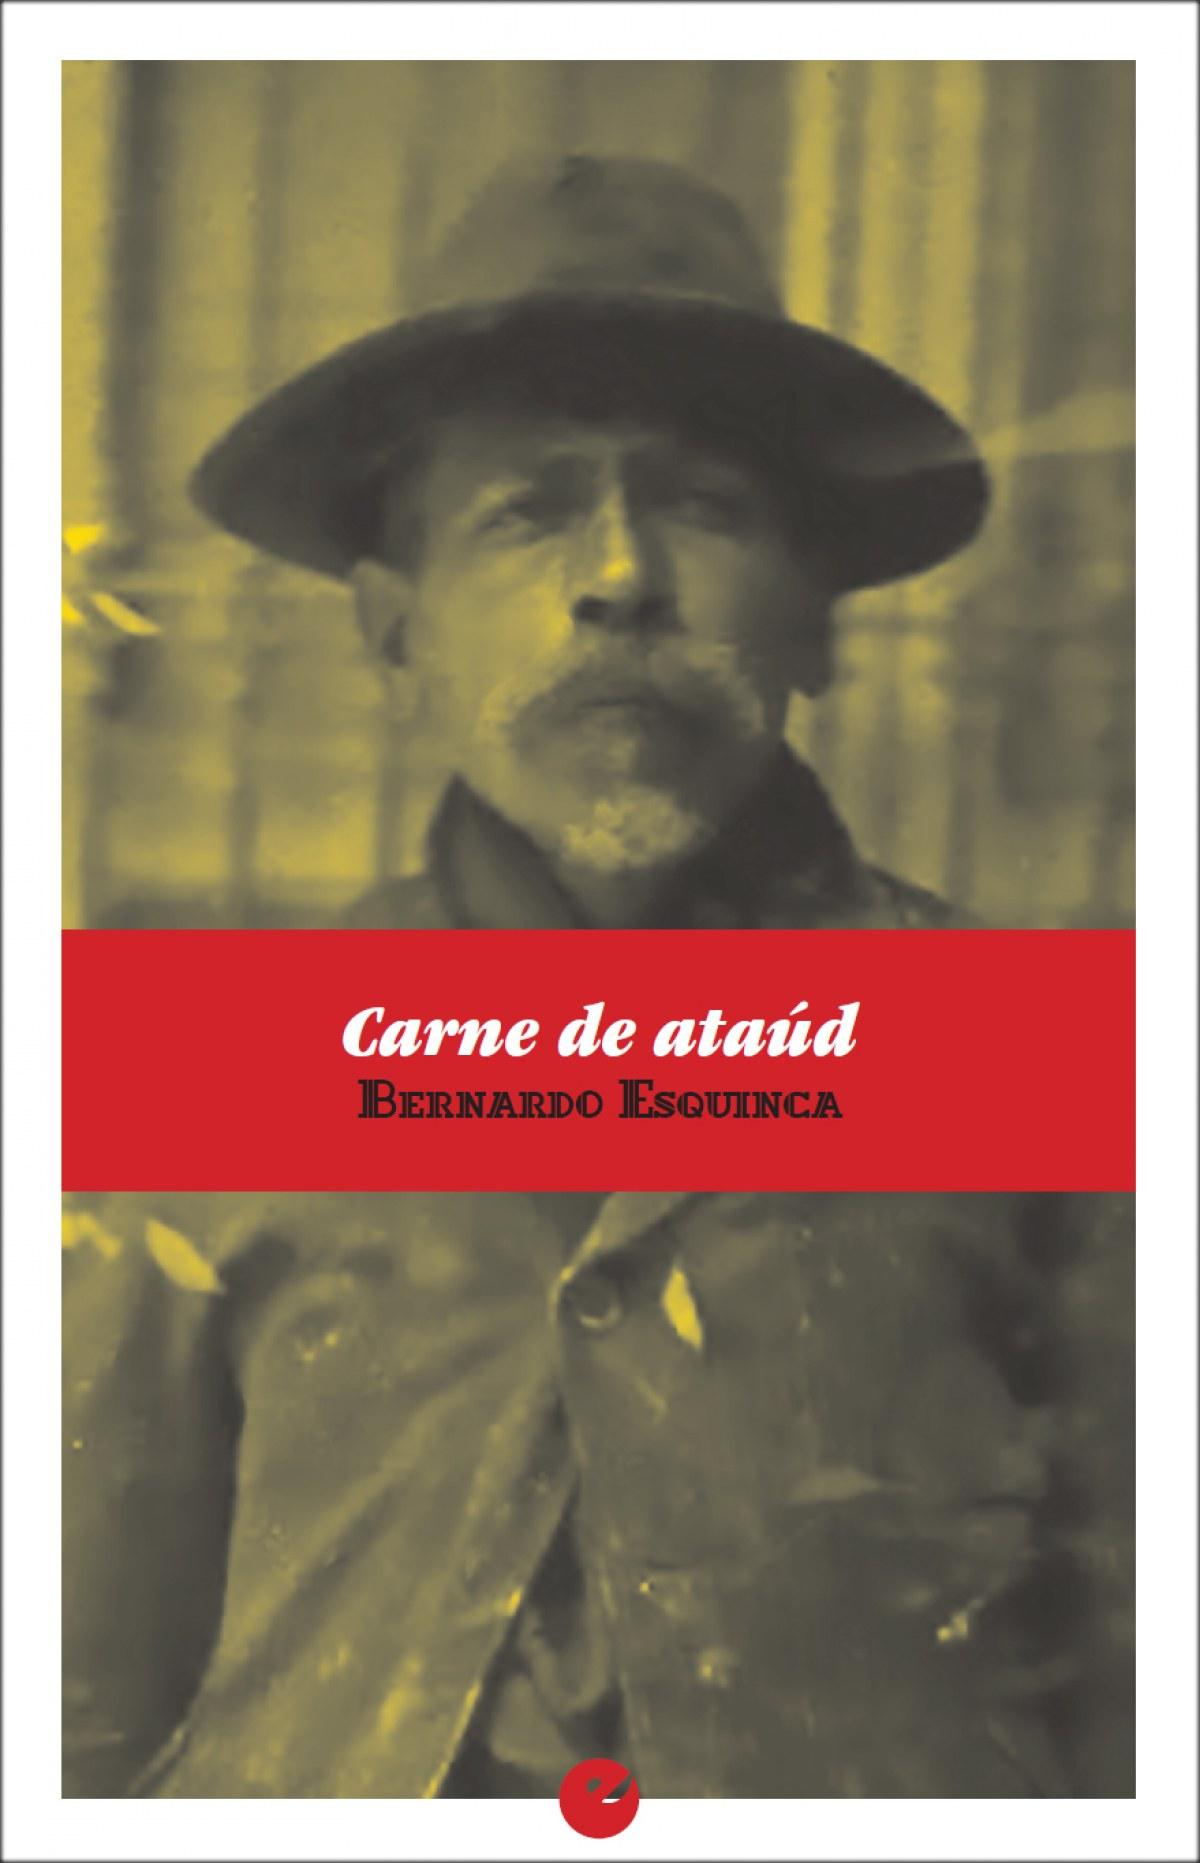 CARNE DE ATAÚD 9788416876358